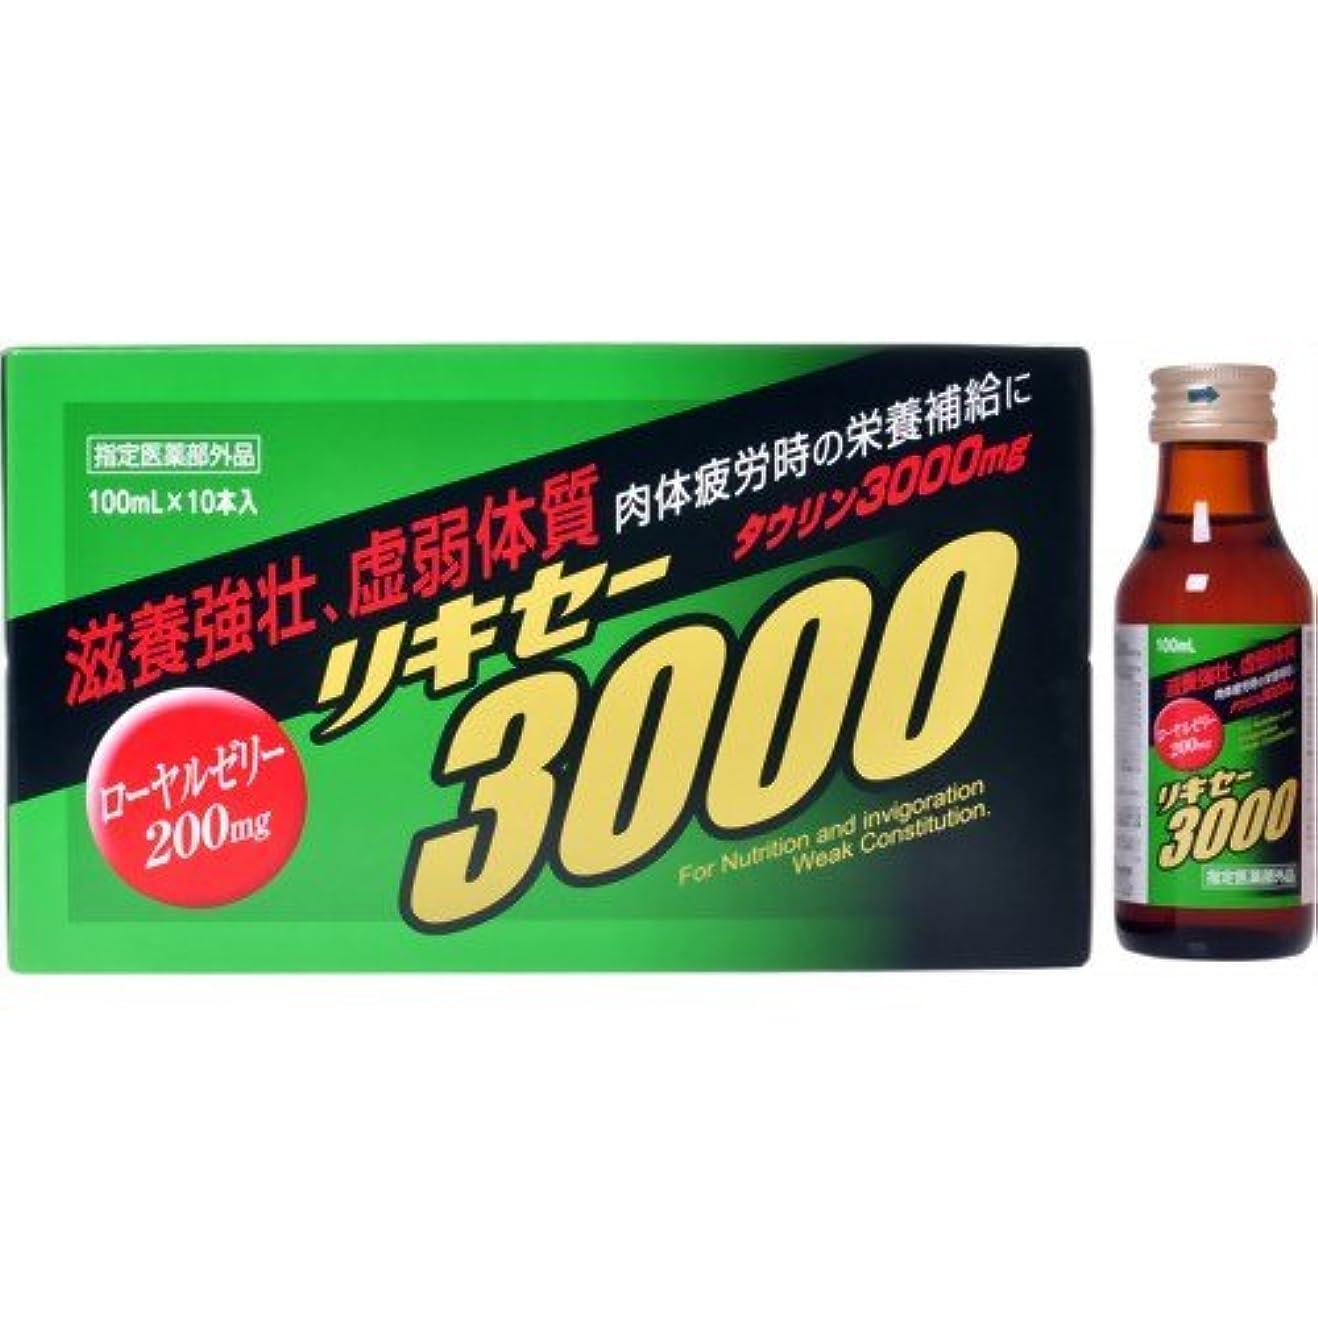 ページェント定規指導する田村 リキセー3000 100mlx10本 [指定医薬部外品]